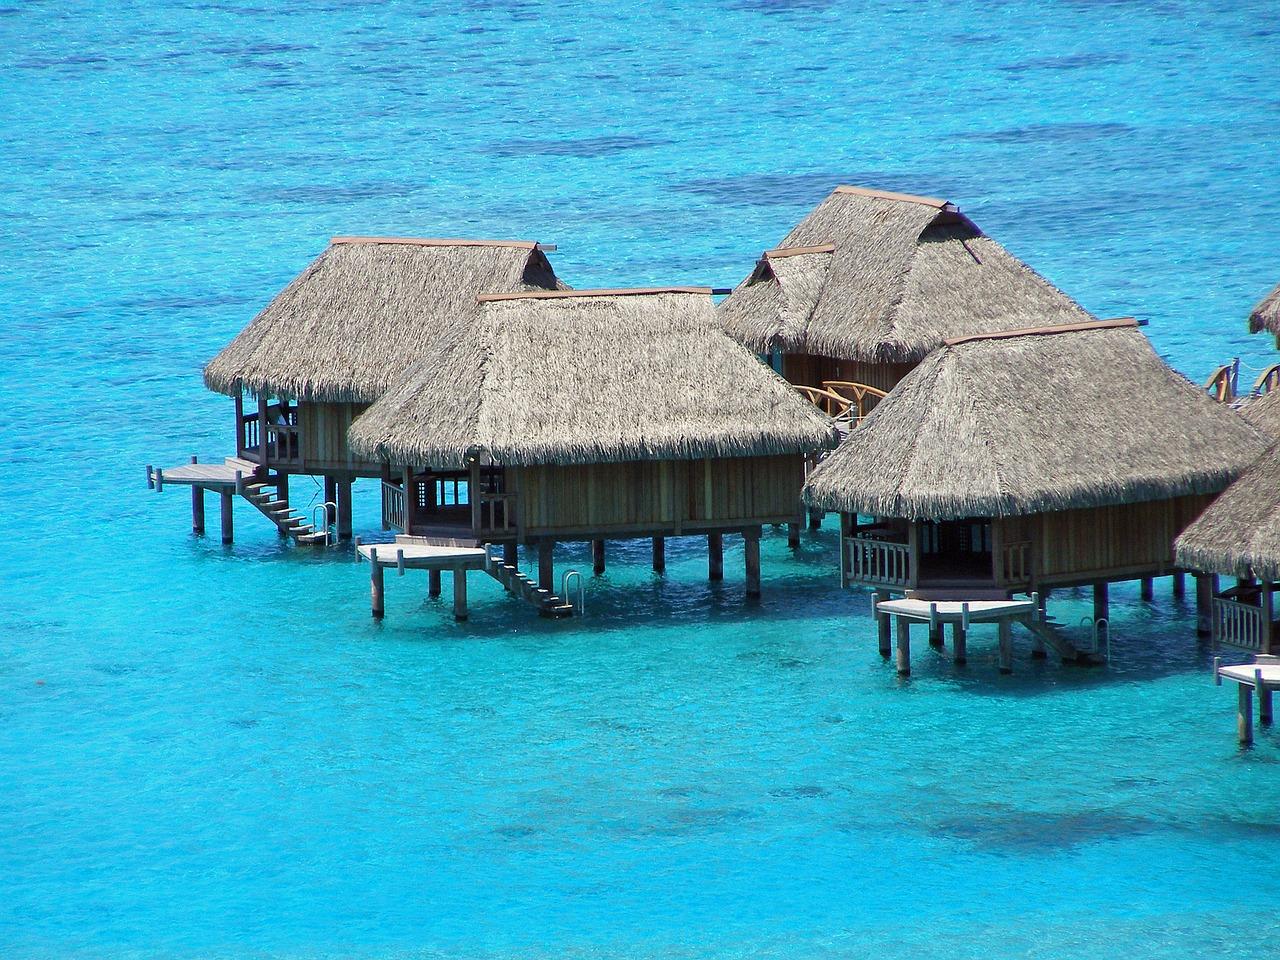 水上コテージはまさに楽園!海外のおすすめのスポットや行き方を紹介!